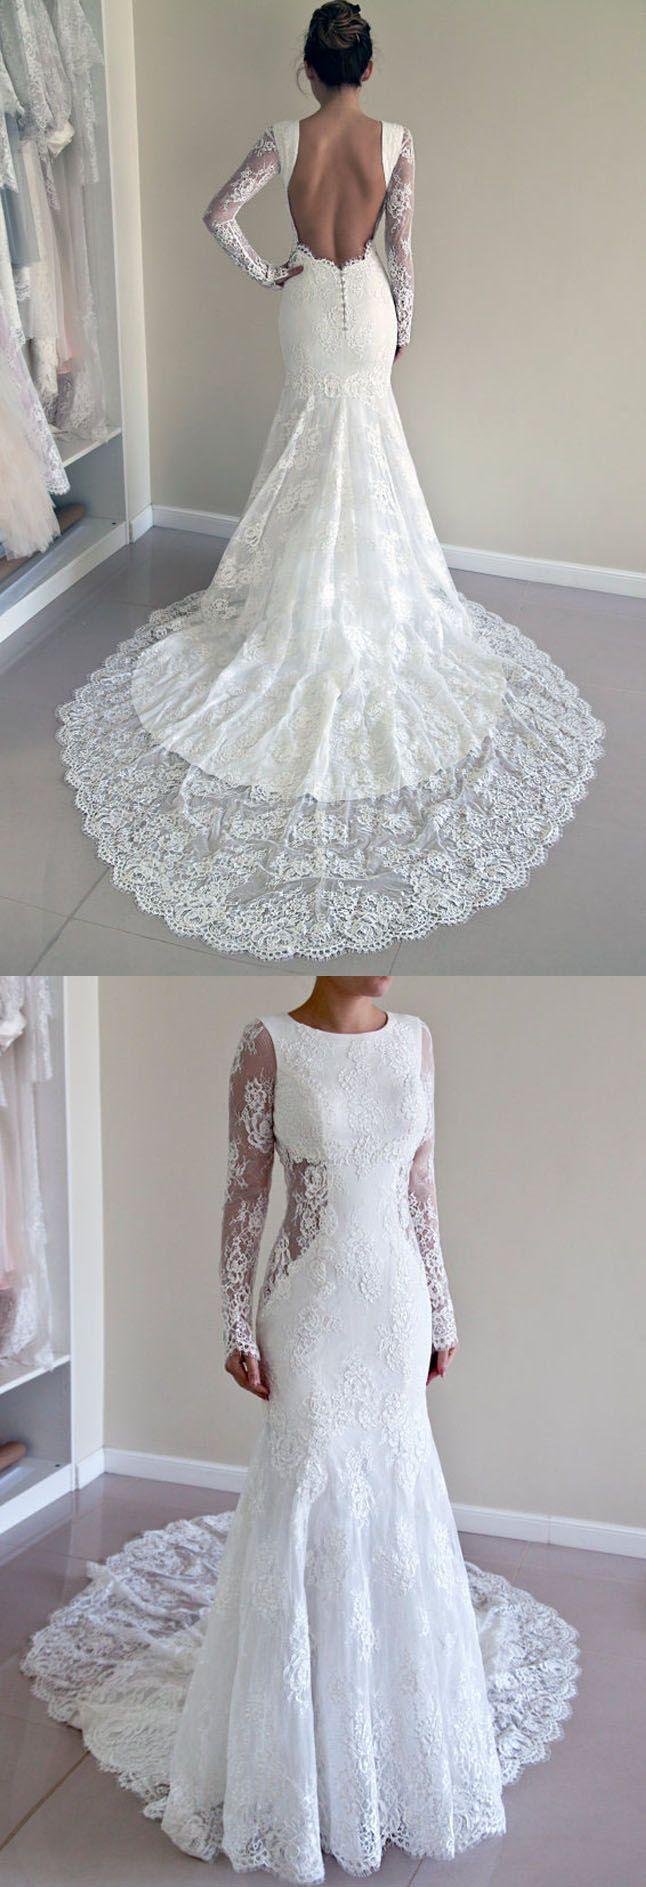 lace wedding dress mermaid wedding